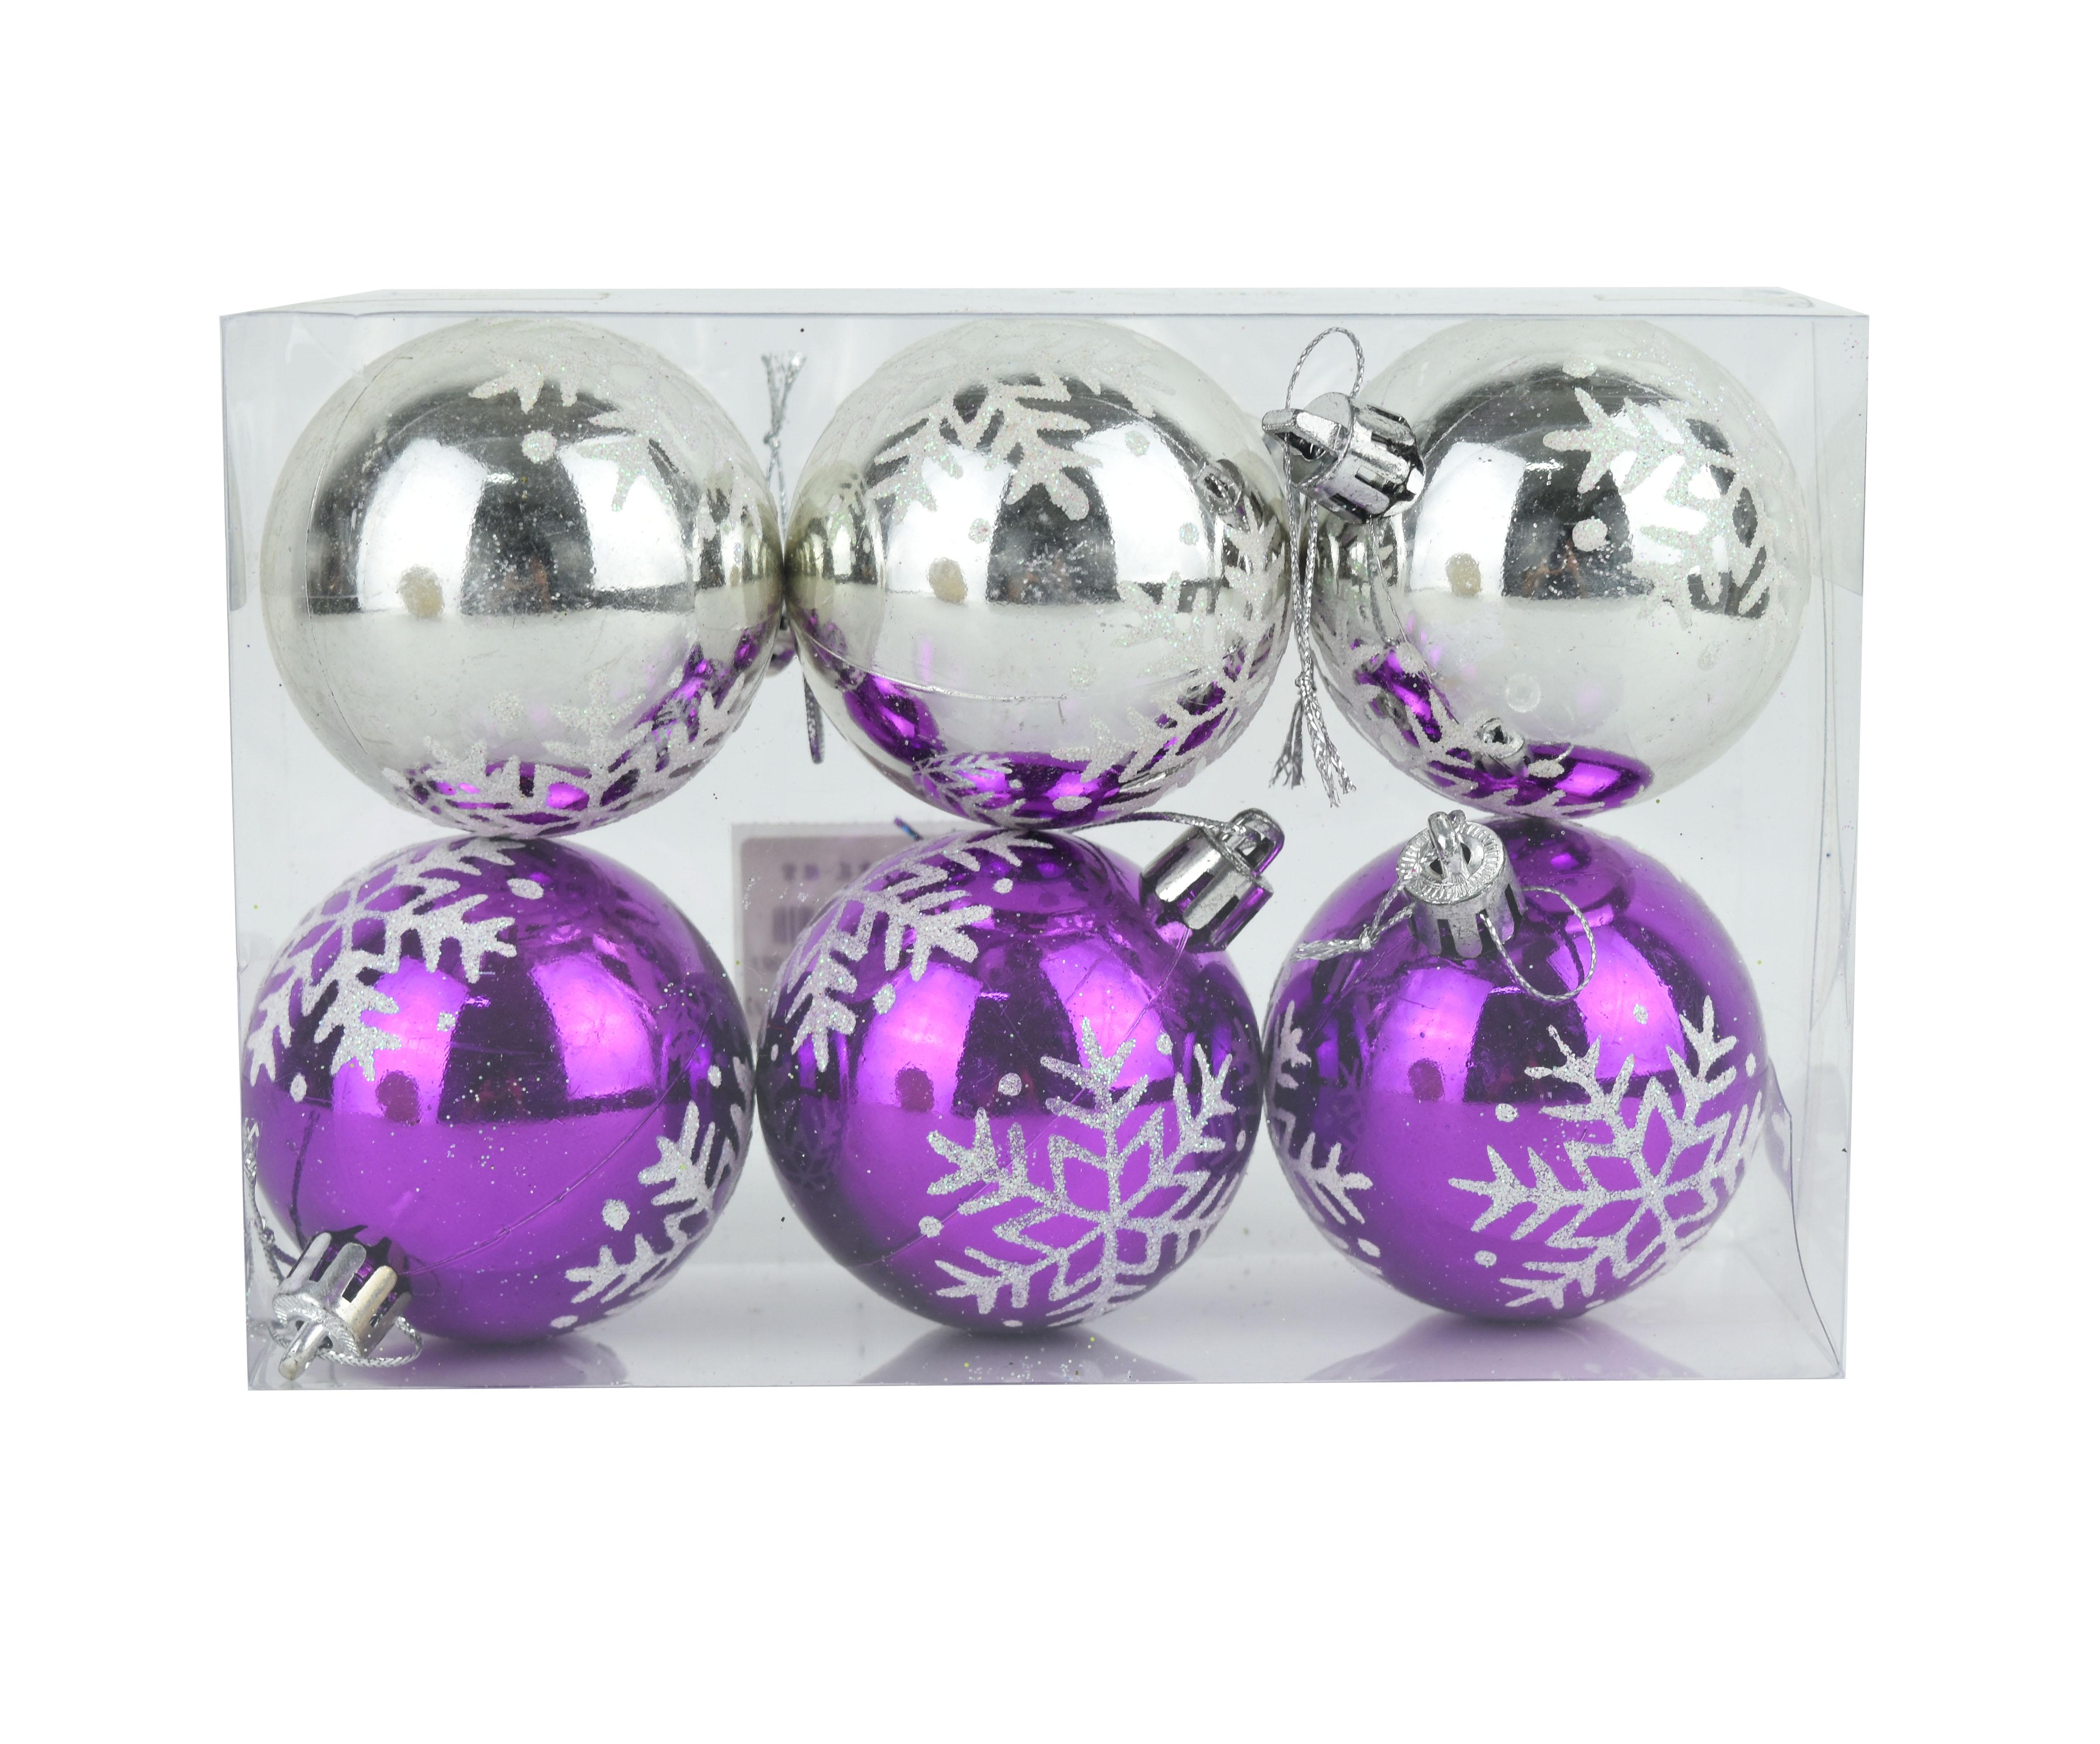 X射線【X299391】6公分手繪雪花鍍金球(銀紫)6入,聖誕節/聖誕佈置/聖誕鍍金球/聖誕球/吊飾/會場佈置/DIY/材料包